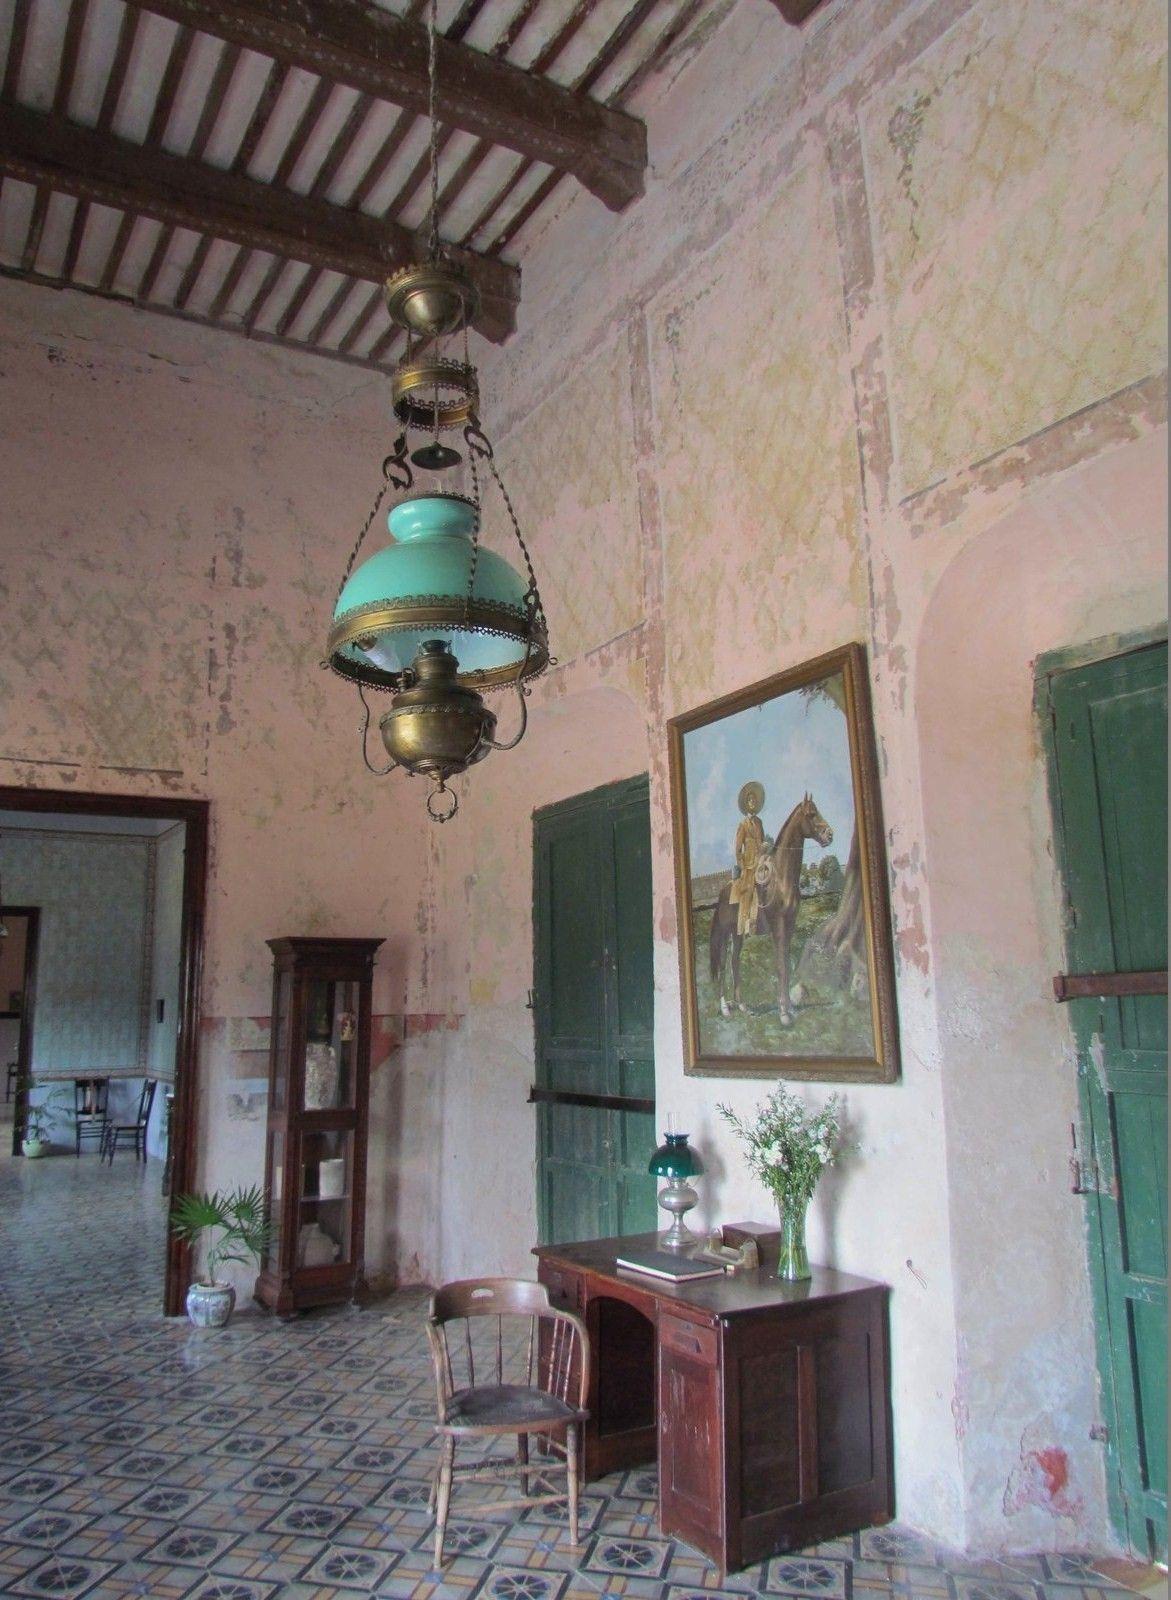 Hacienda in Yaxcopoil village, Yucatan, Mexico